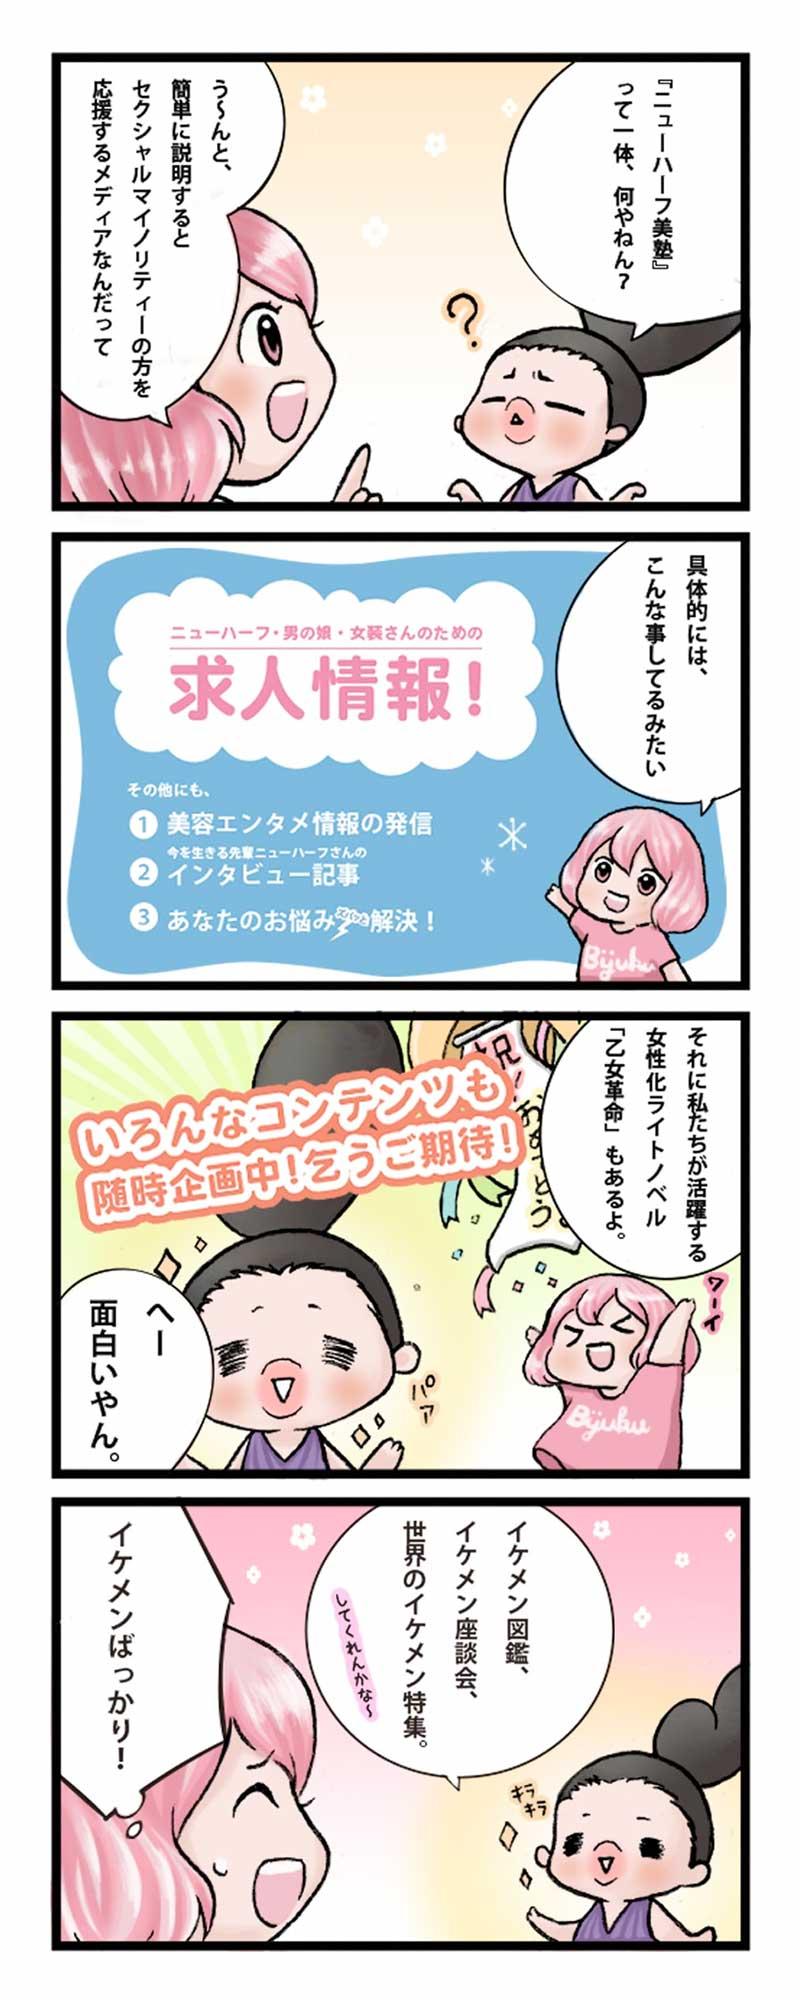 美塾四コマ